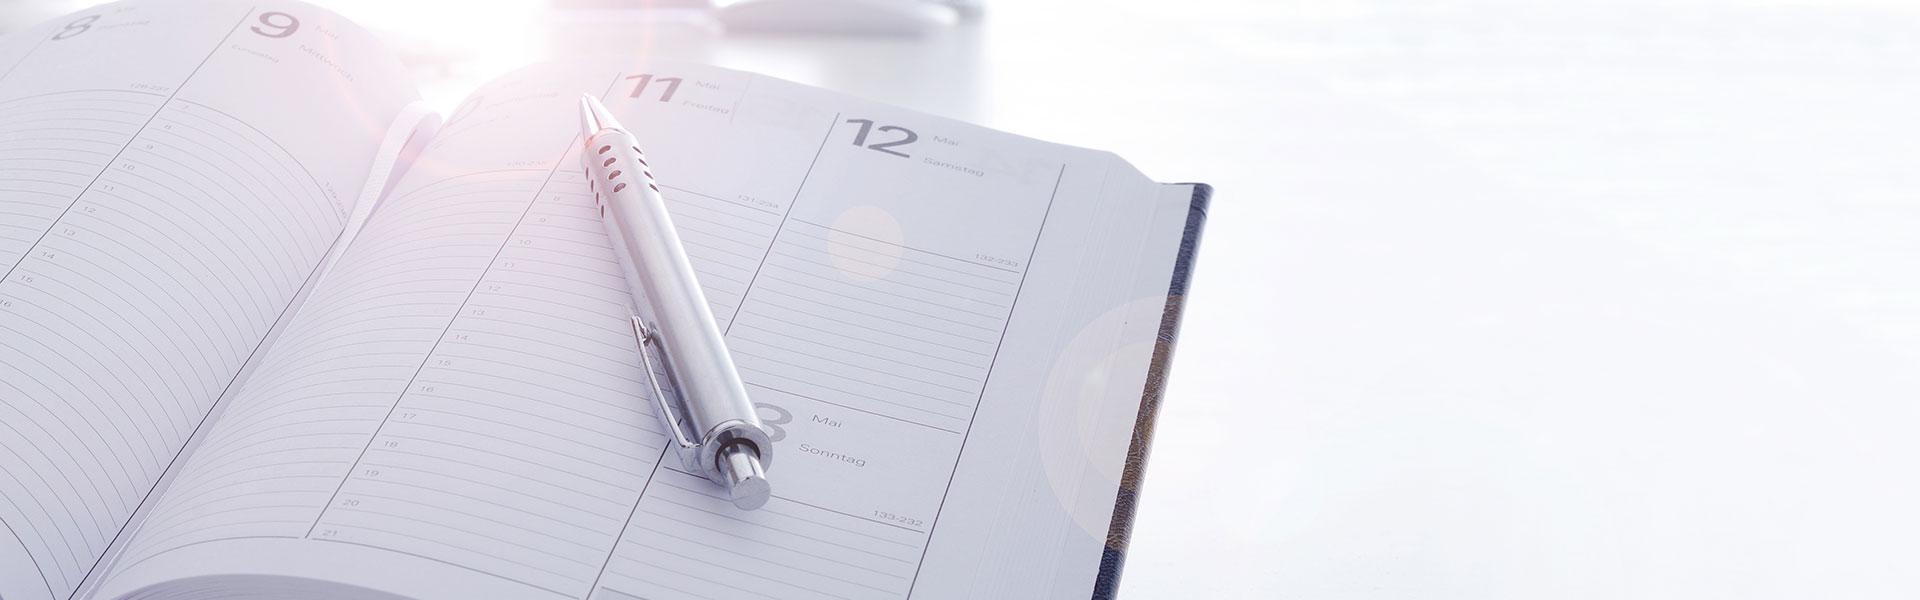 Kalendereinträge für die Residenz Westfalenhof in Bad Lippsringe